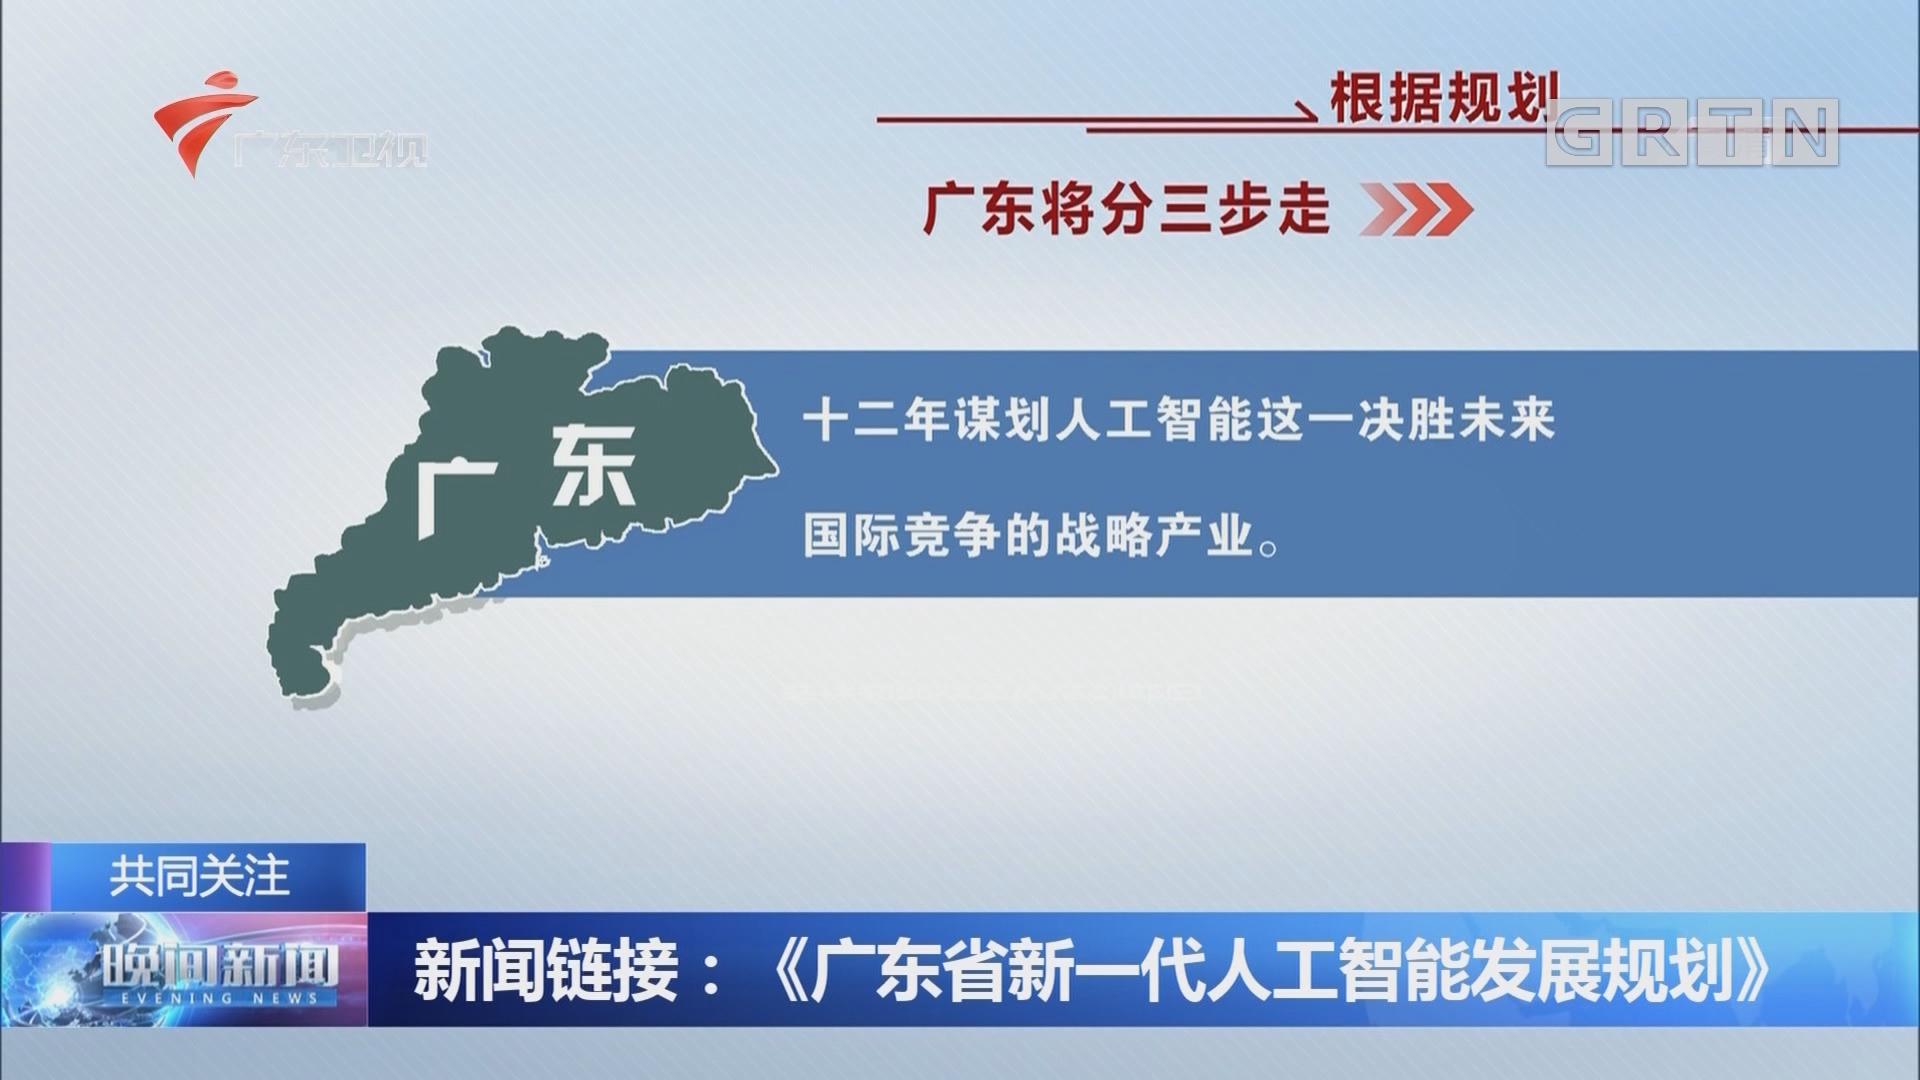 新闻链接:《广东省新一代人工智能发展规划》